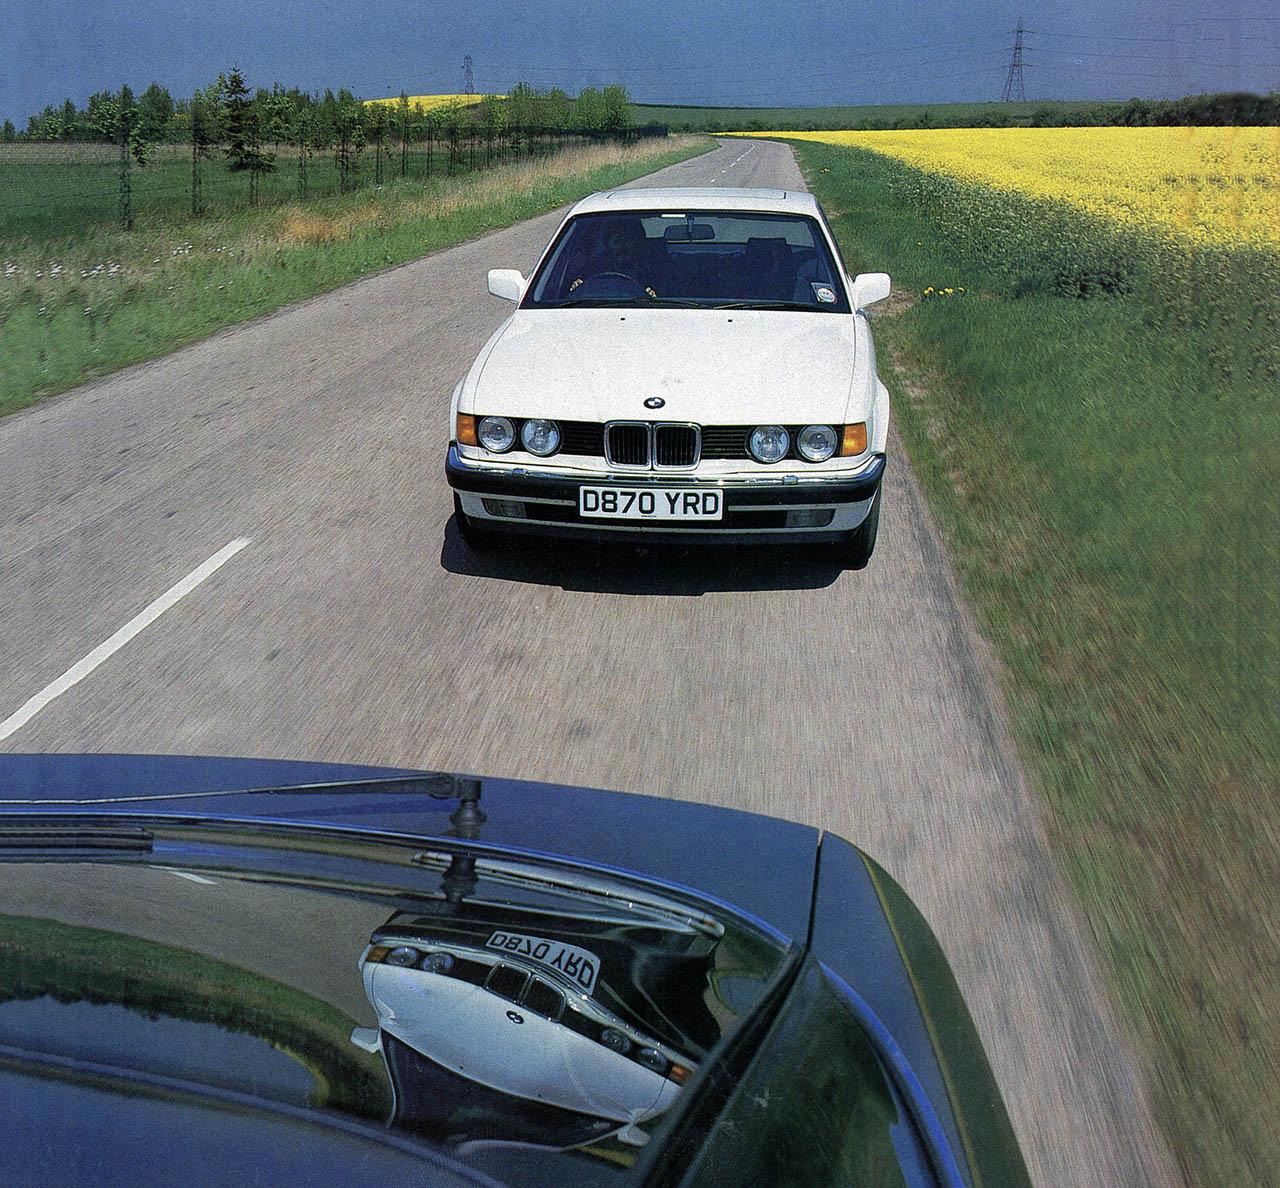 1987 BMW 730i E32 vs. Ford Granada 2.9 Scorpio Executive